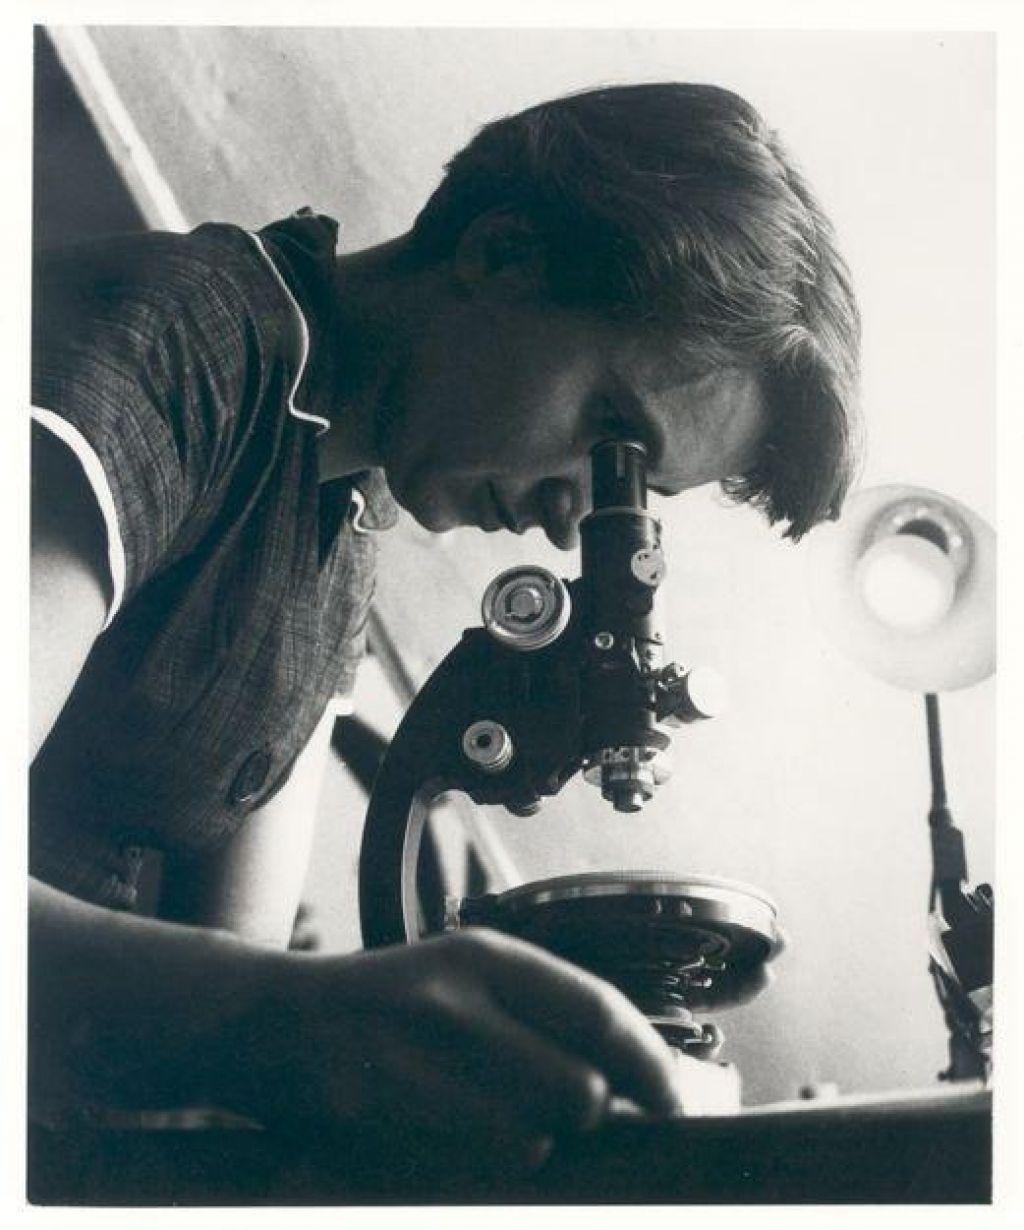 Rover dobil ime po pionirki raziskovanja DNK Rosalind Franklin